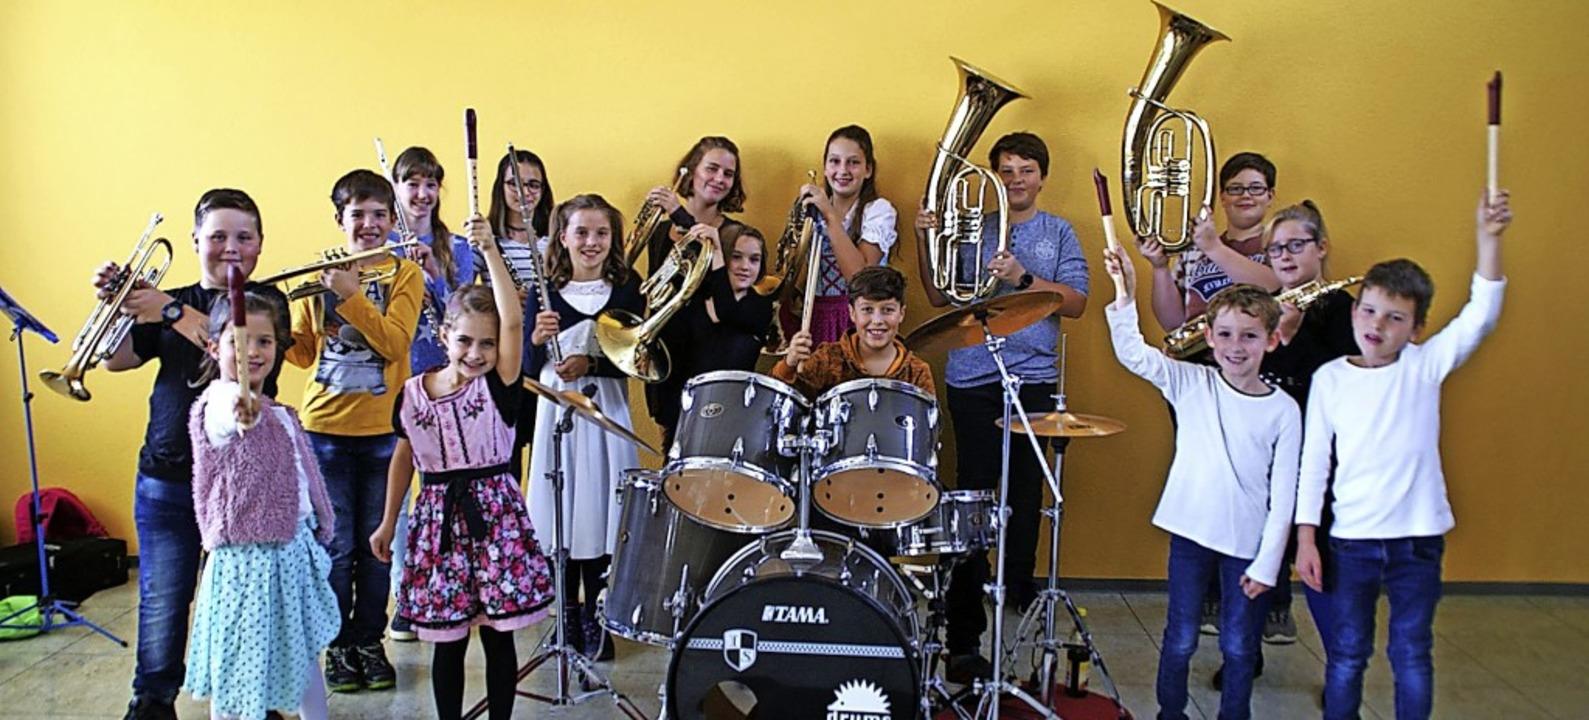 Der Nachwuchs des Musikvereins Eberfingen zeigte beim Schülervorspiel Können.   | Foto: suedkurier